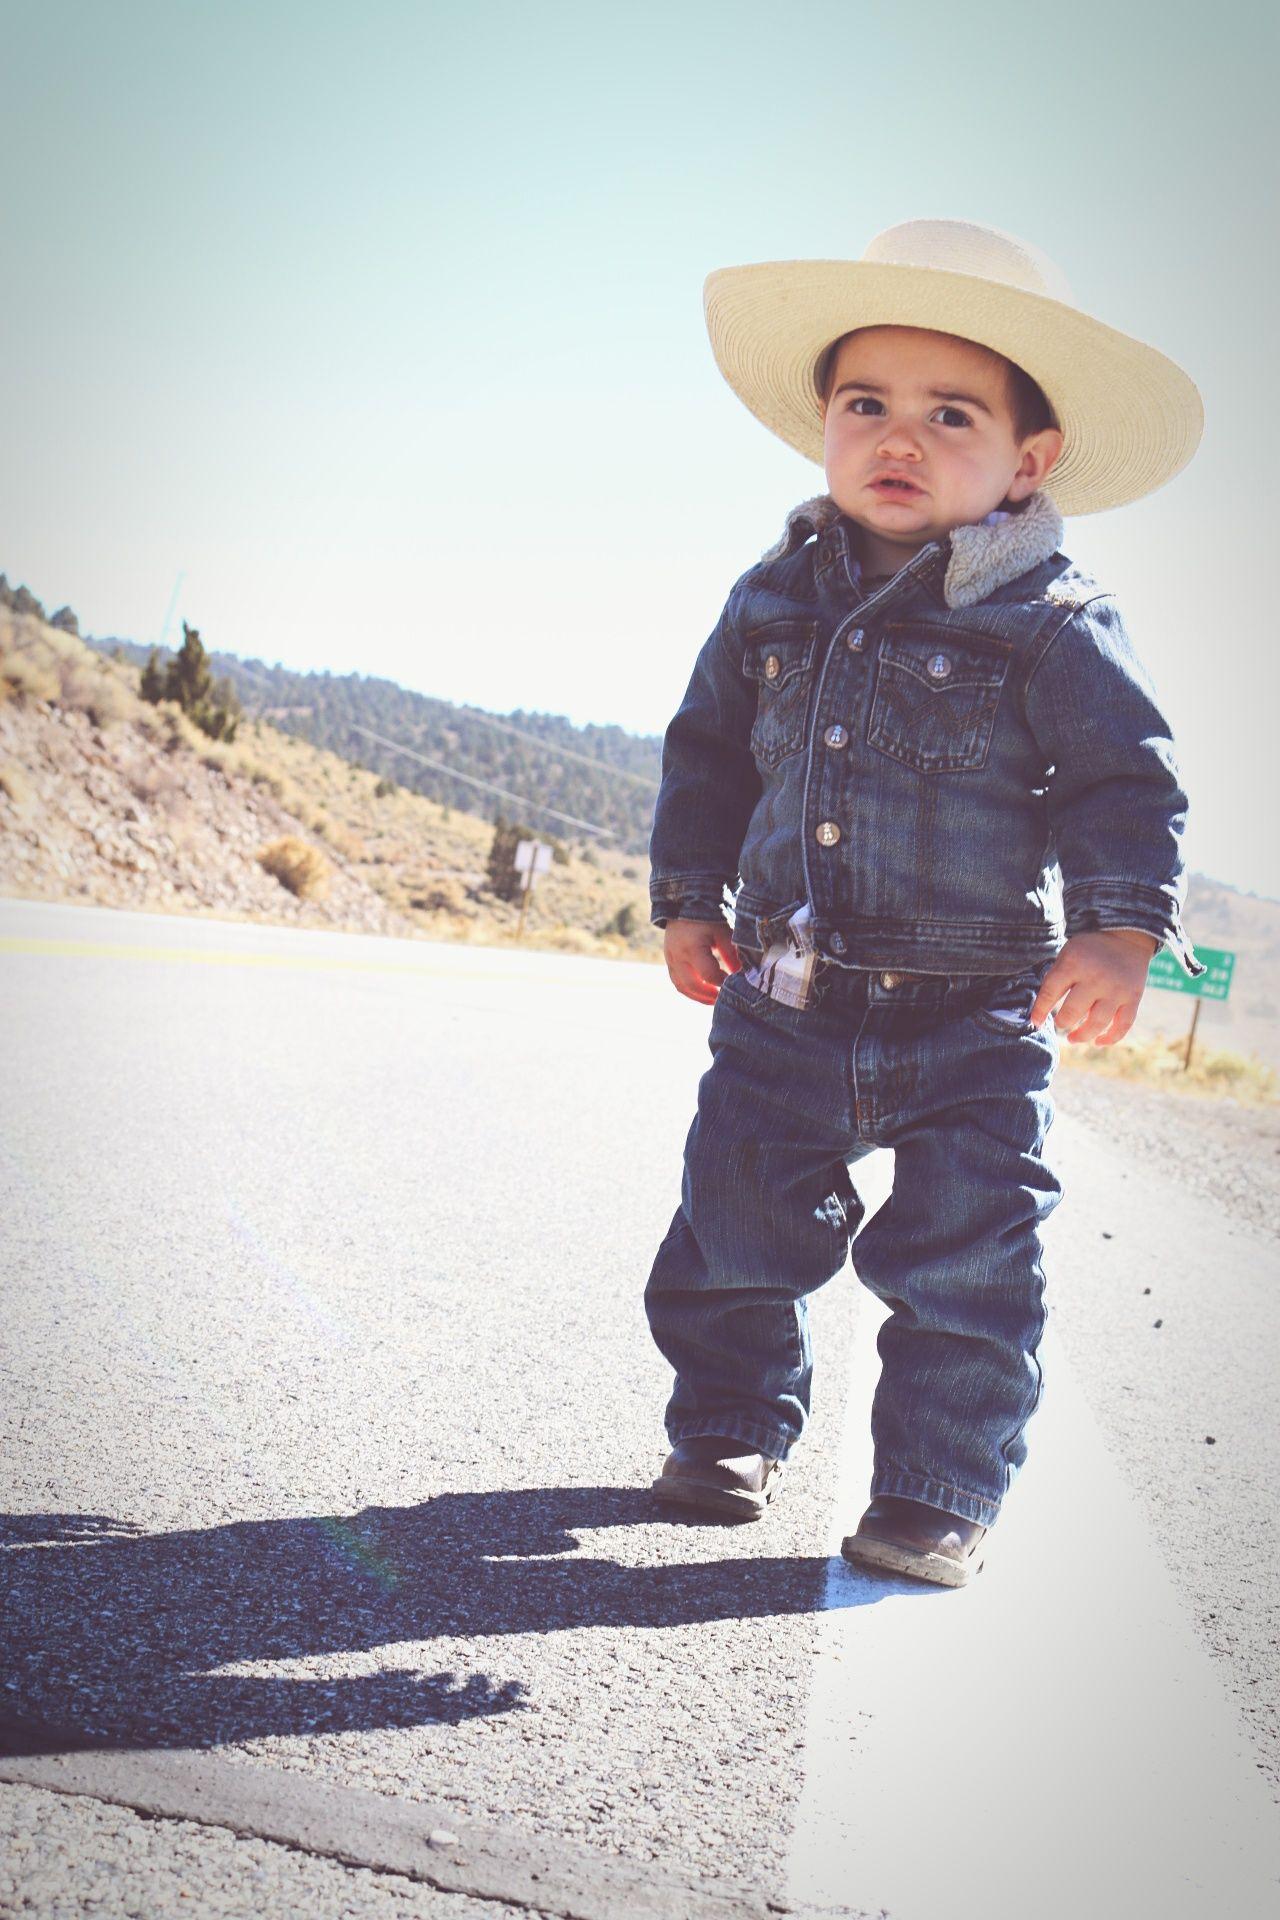 Lil Man Western Little Cowboy Child Outdoors Portrait Cowboy Hat